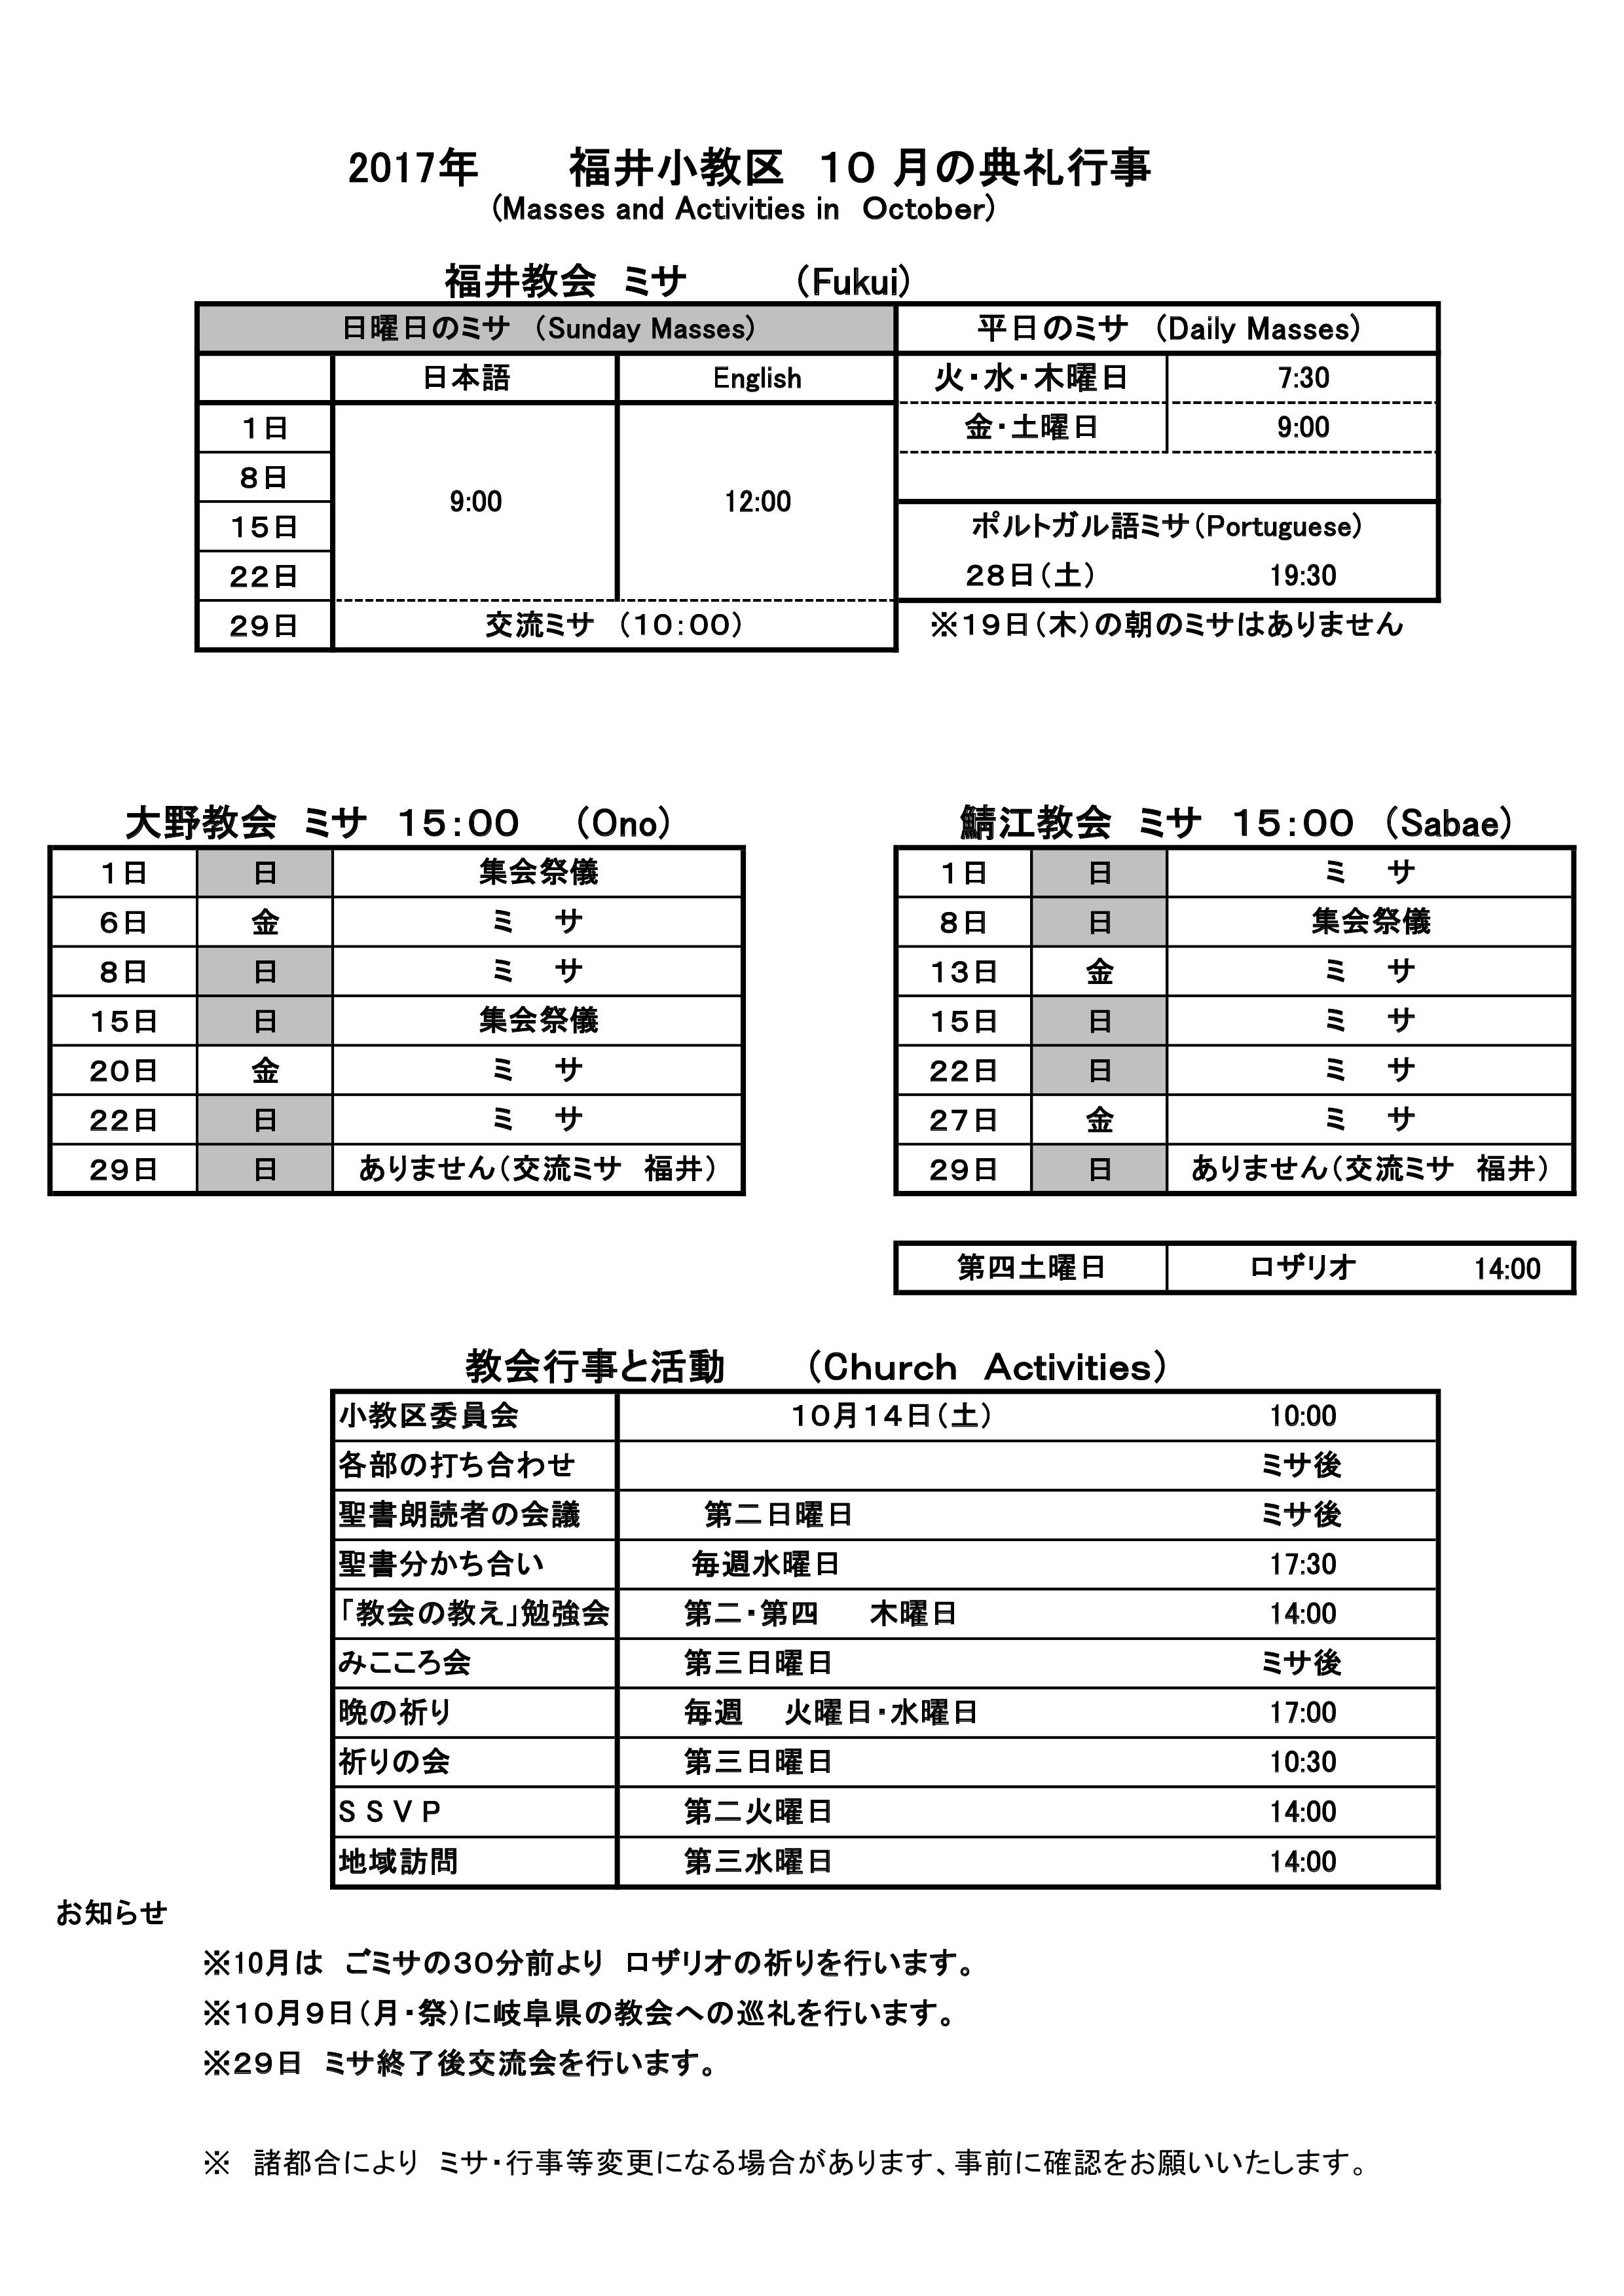 カトリック福井教会 2017年10月 行事予定表 2017 october schedule